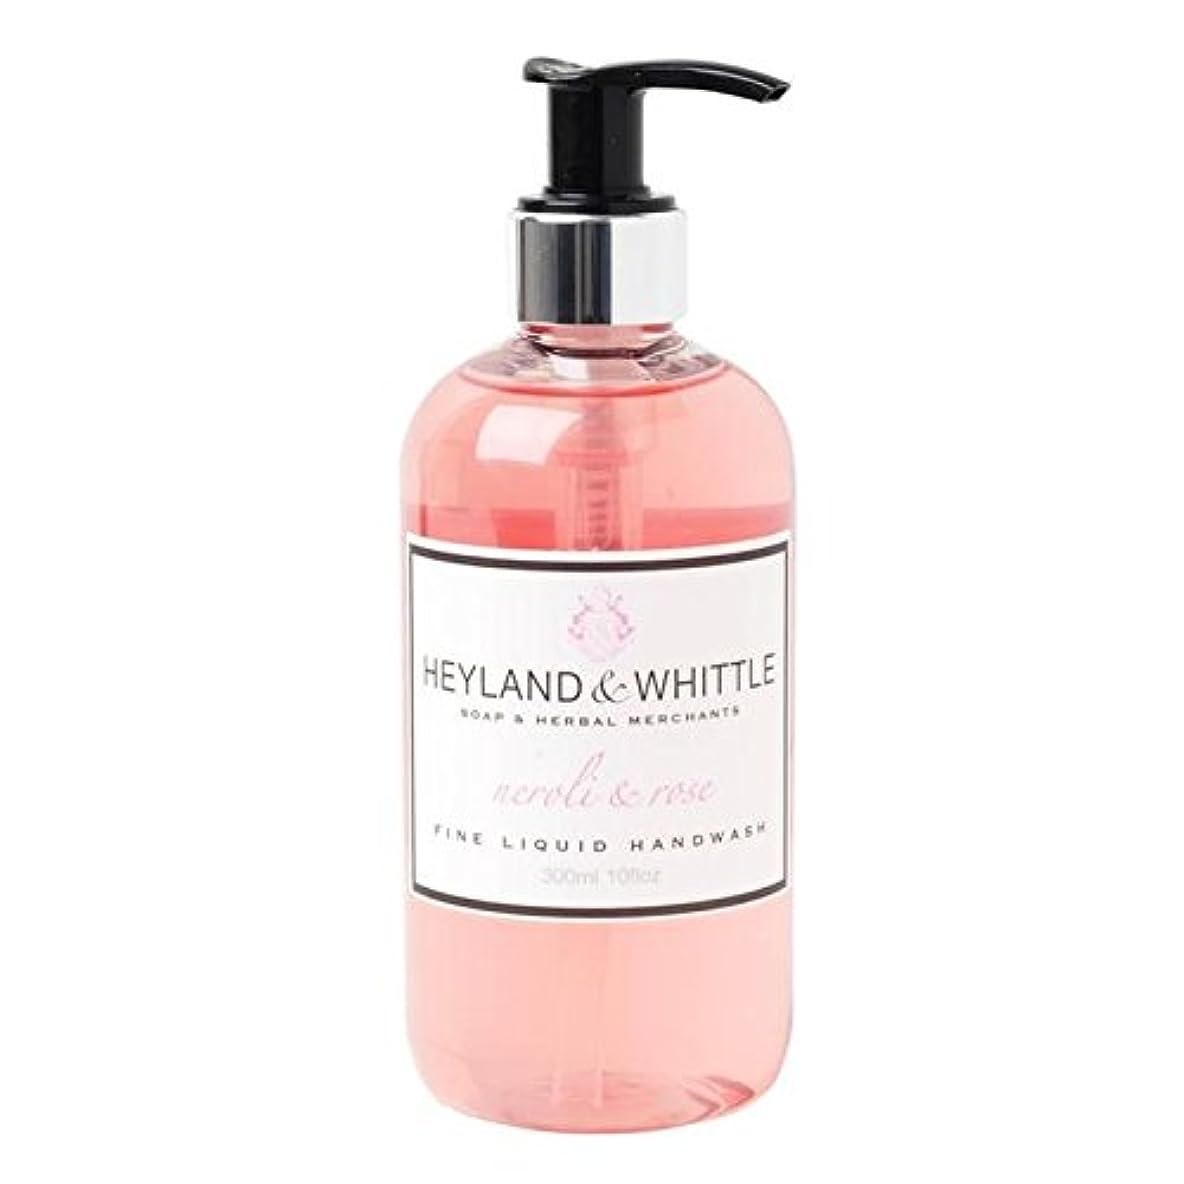 ディンカルビルできる独創的&削るネロリ&手洗いの300ミリリットルをバラ x2 - Heyland & Whittle Neroli & Rose Handwash 300ml (Pack of 2) [並行輸入品]